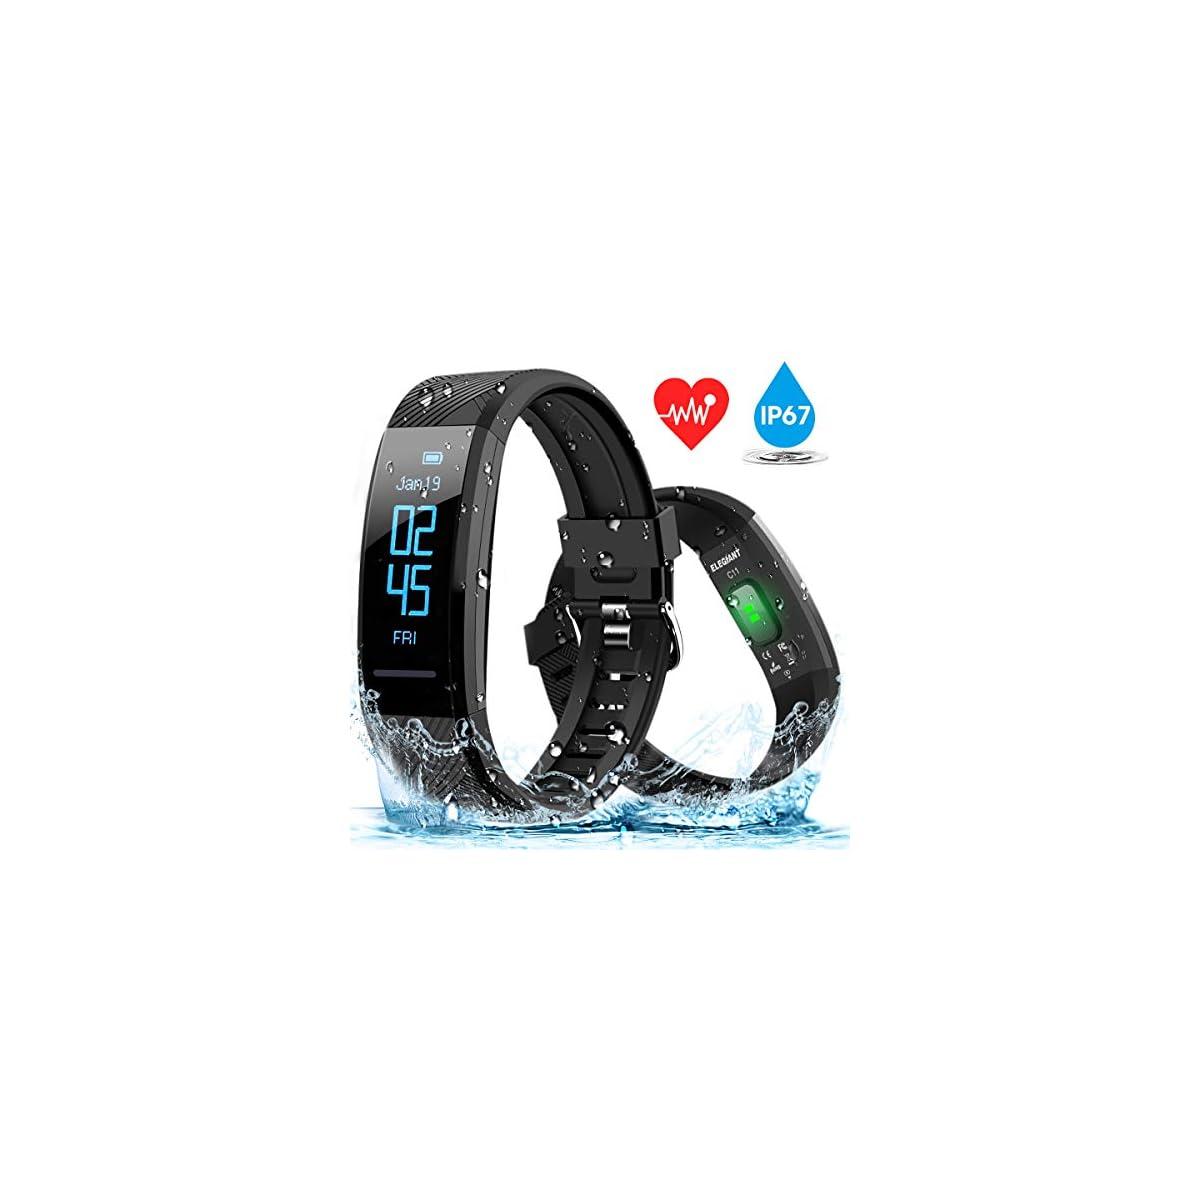 51NGgGwgqQL. SS1200  - ELEGIANT Pulsera de Actividad Inteligente Reloj Deportivo IP67 para Hombre Mujer con GPS Monitor de Sueño Podómetro Contador Notificación Whatsapps Facebook Llamadas iPhone Huawei Xiaomi Android ...